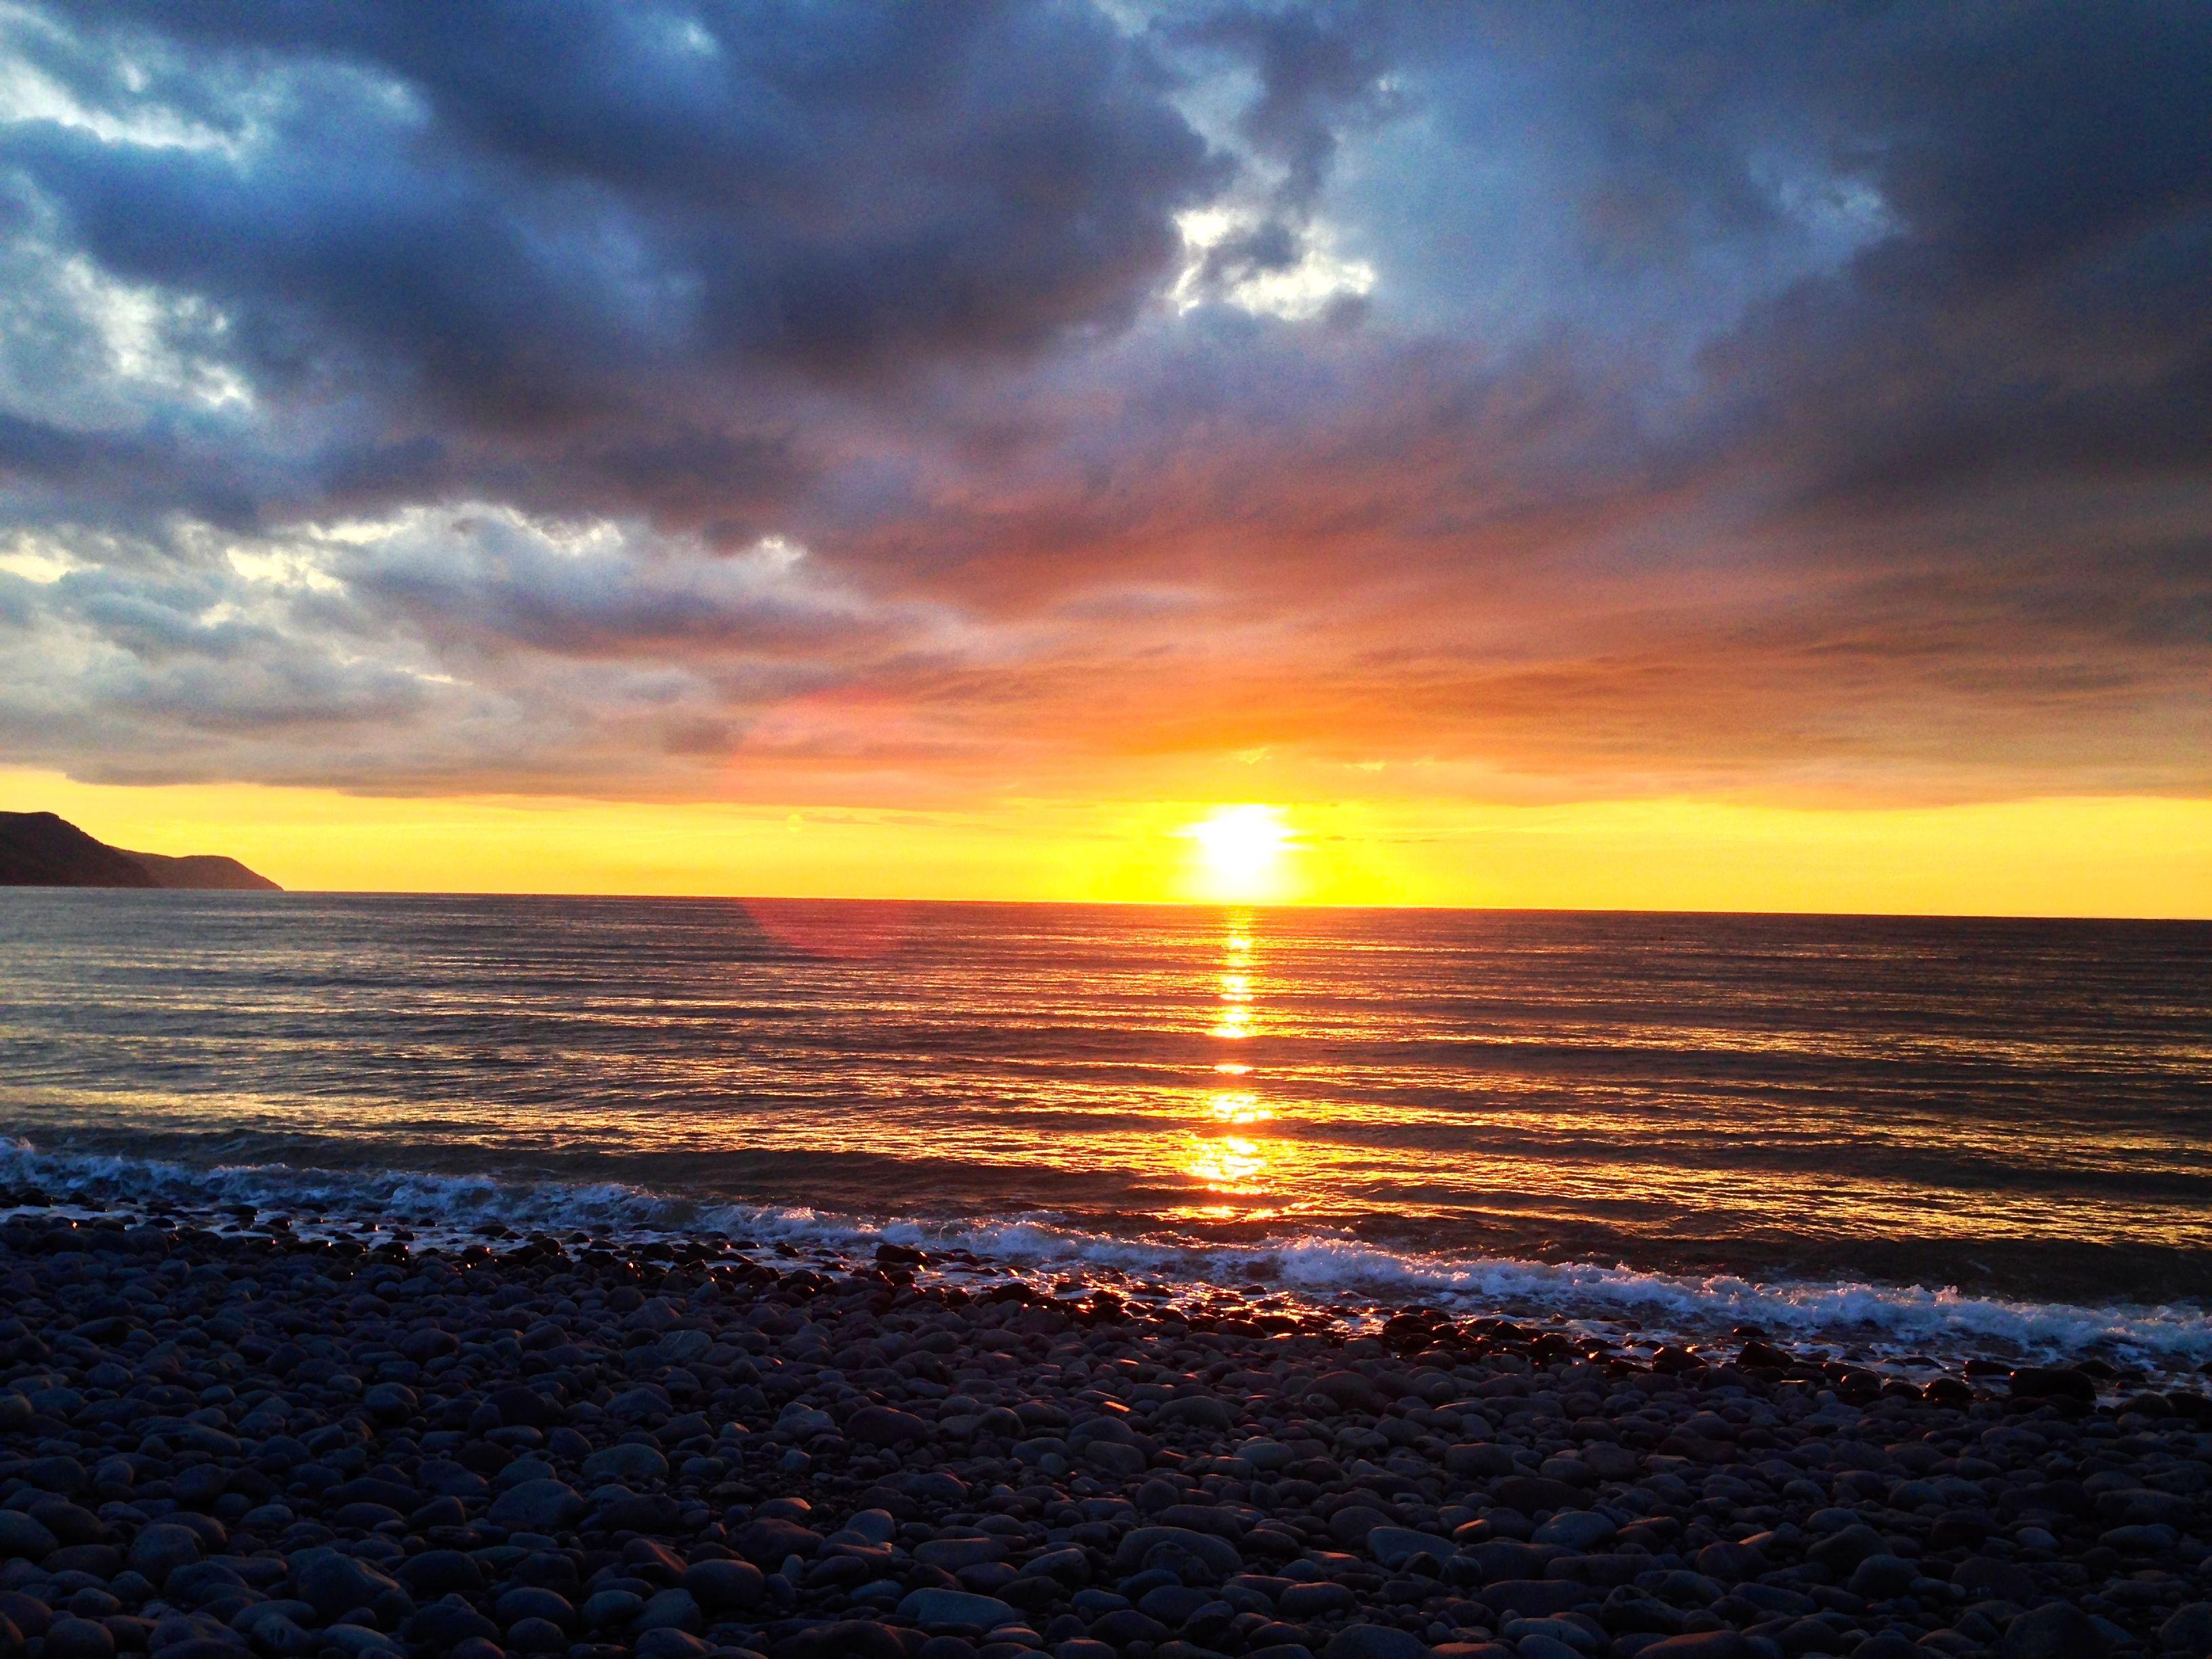 Sunset at Bossington Beach, 5 June 2014